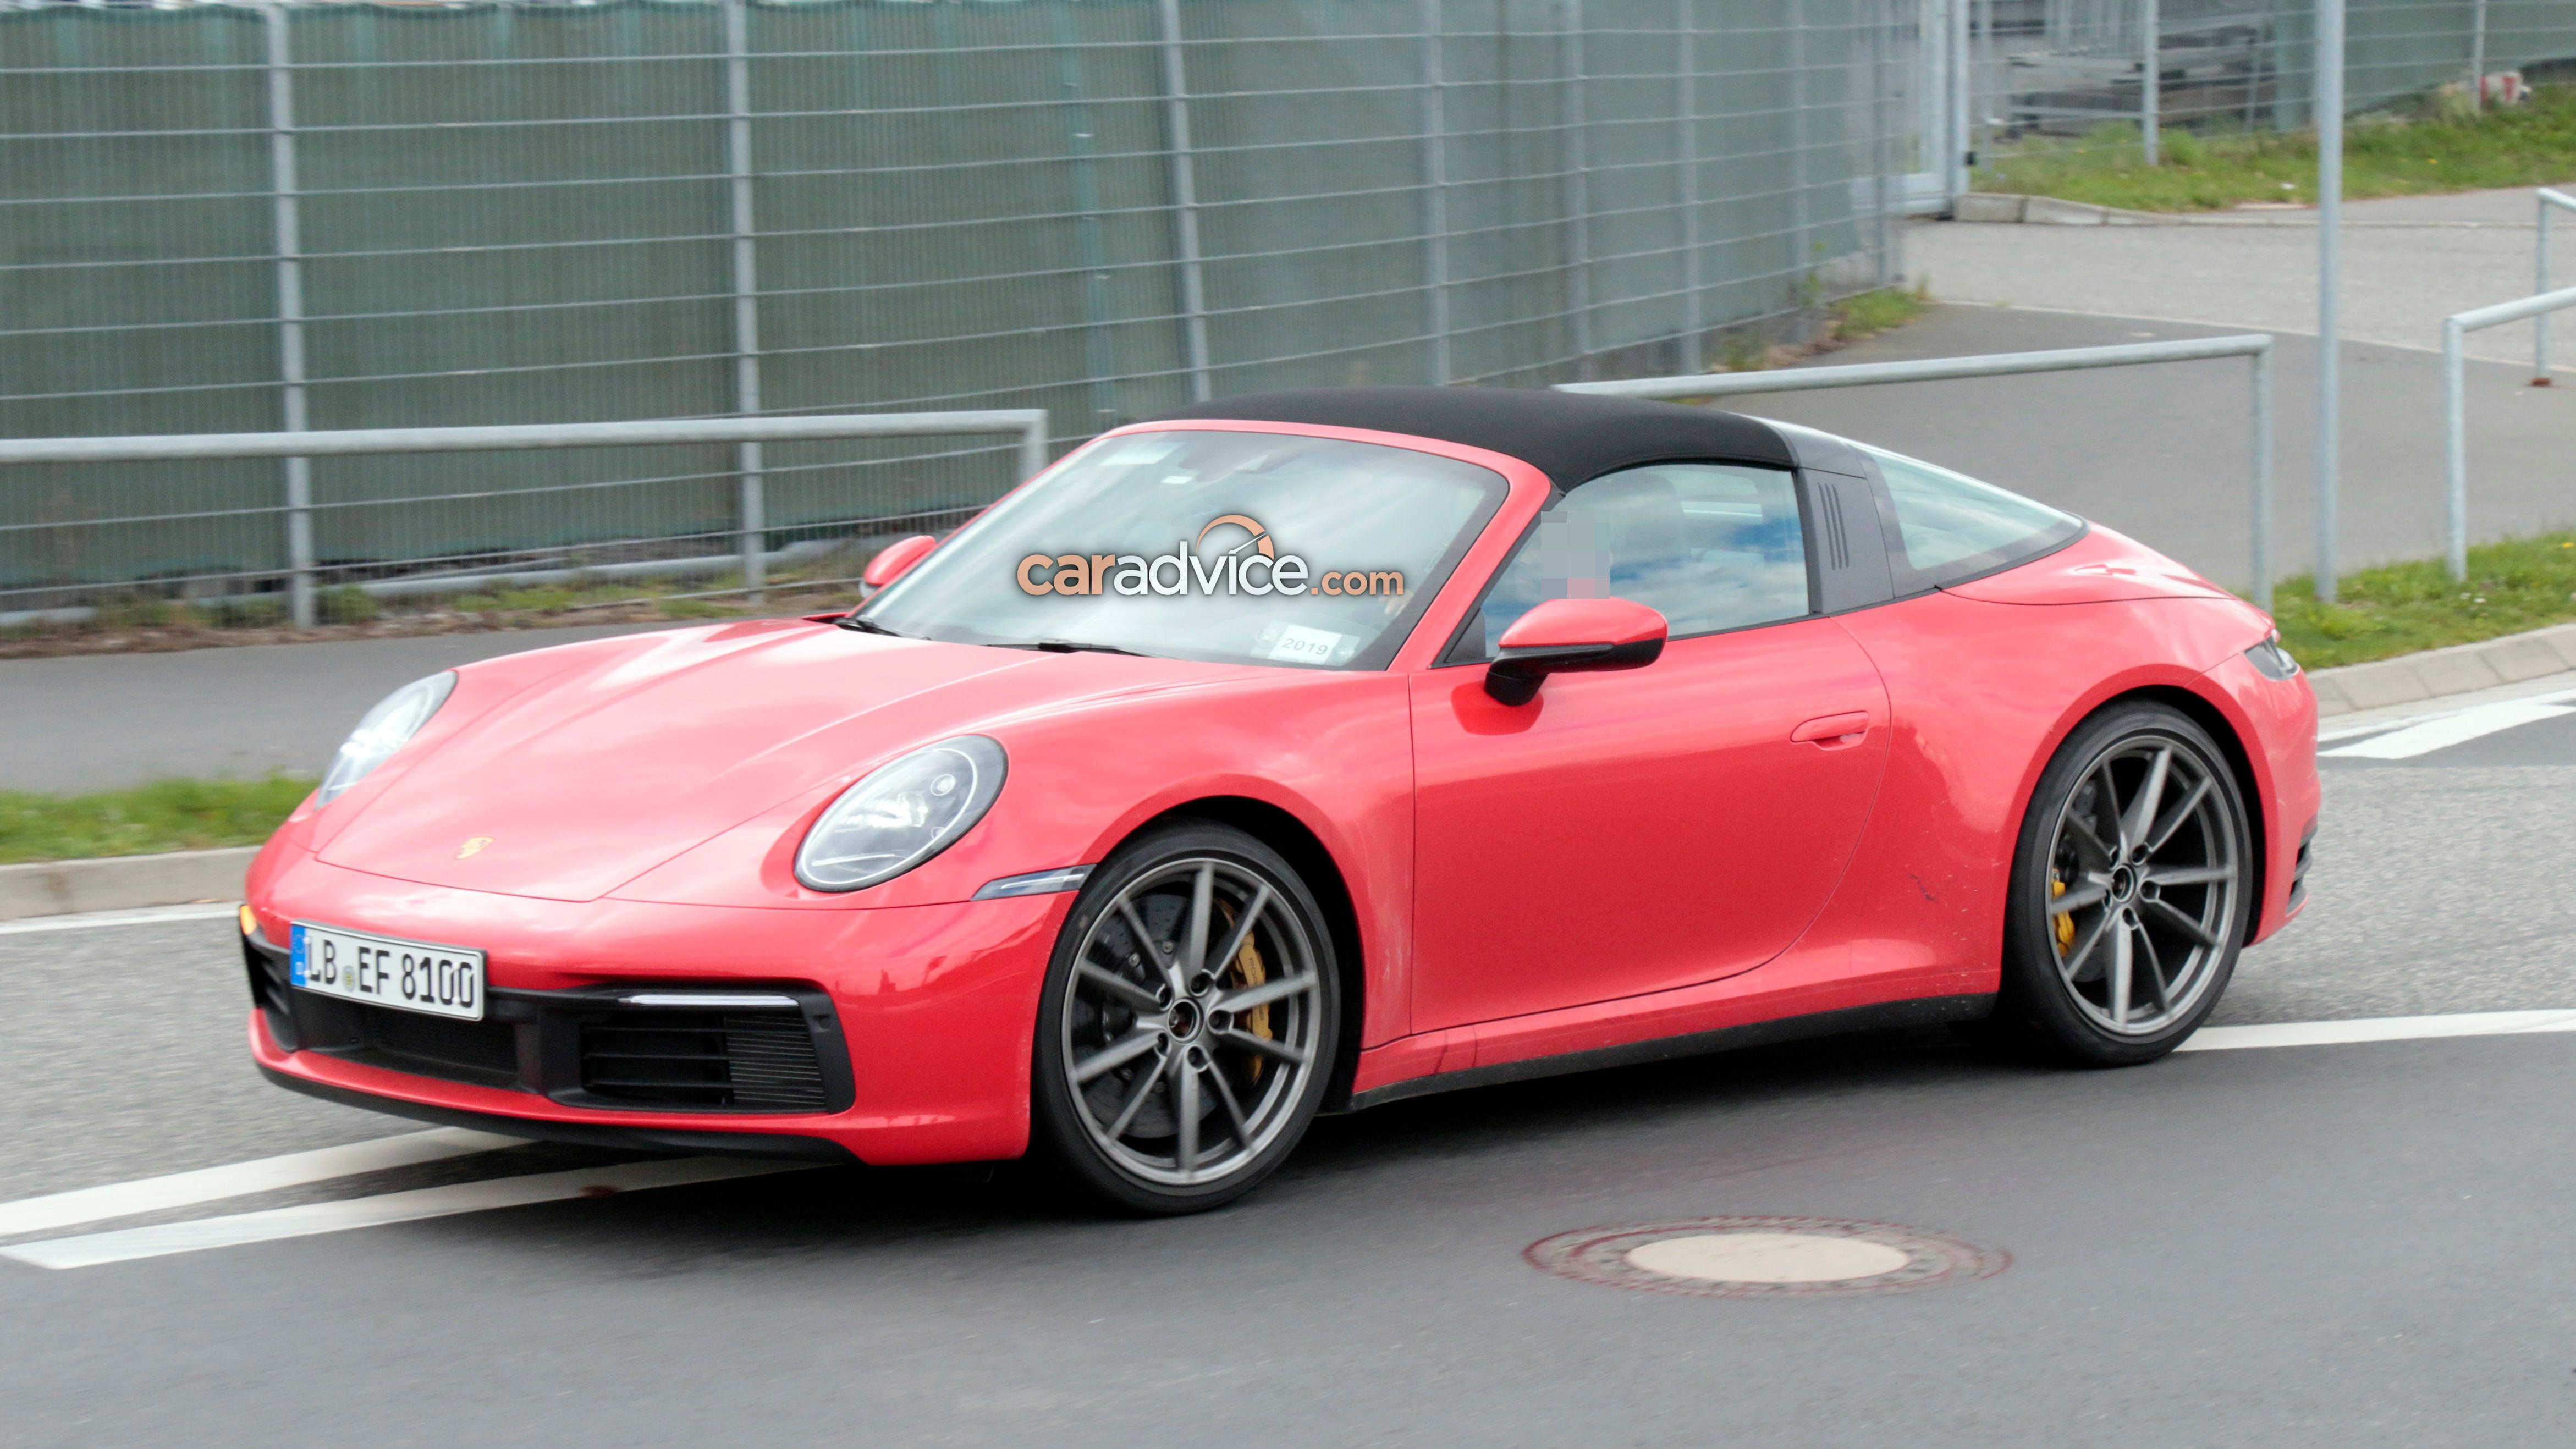 2020 Porsche 911 Targa Spied Caradvice